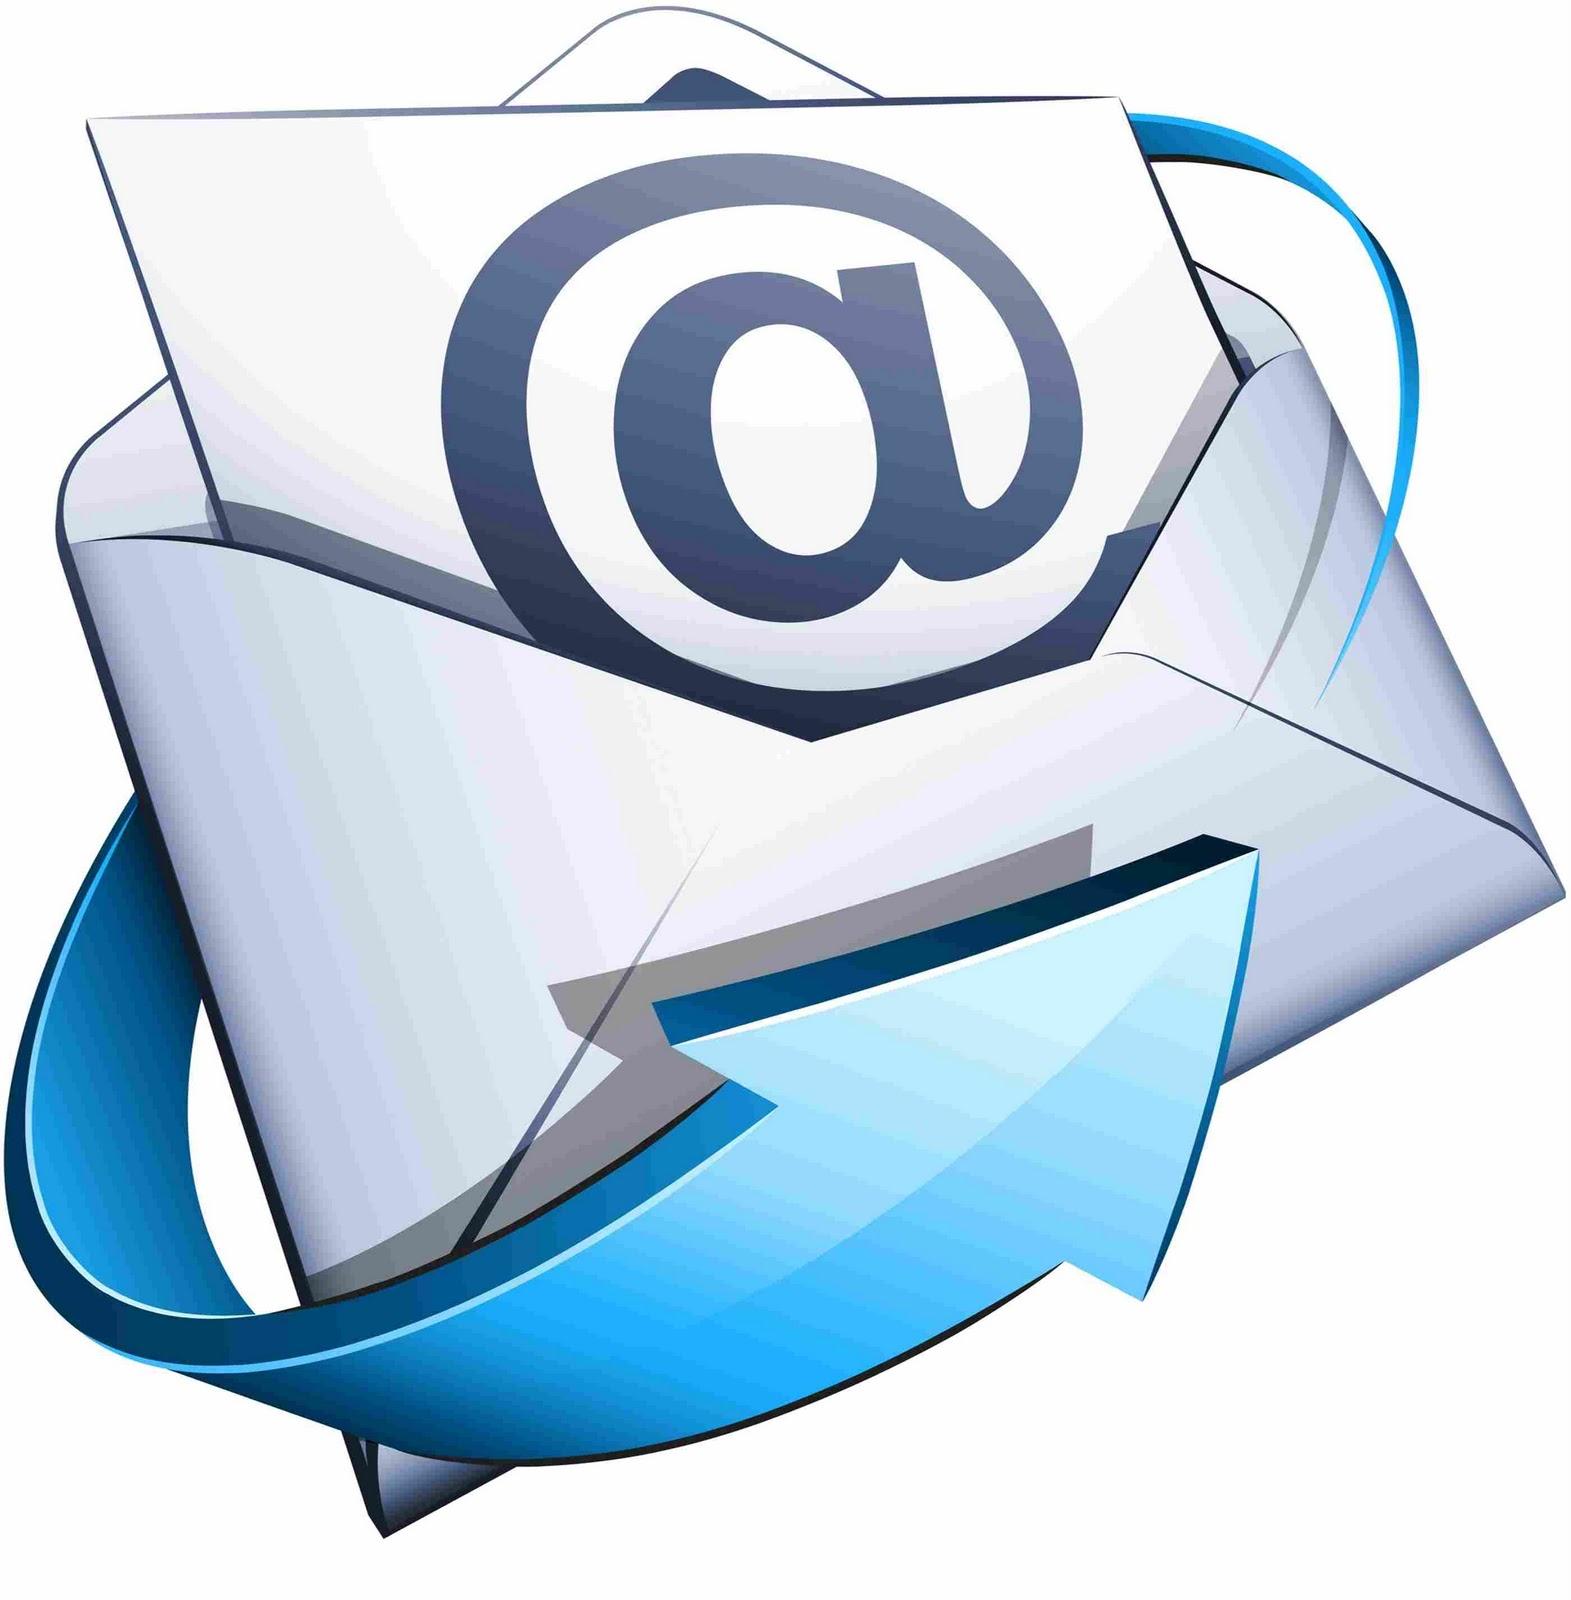 E-mail login